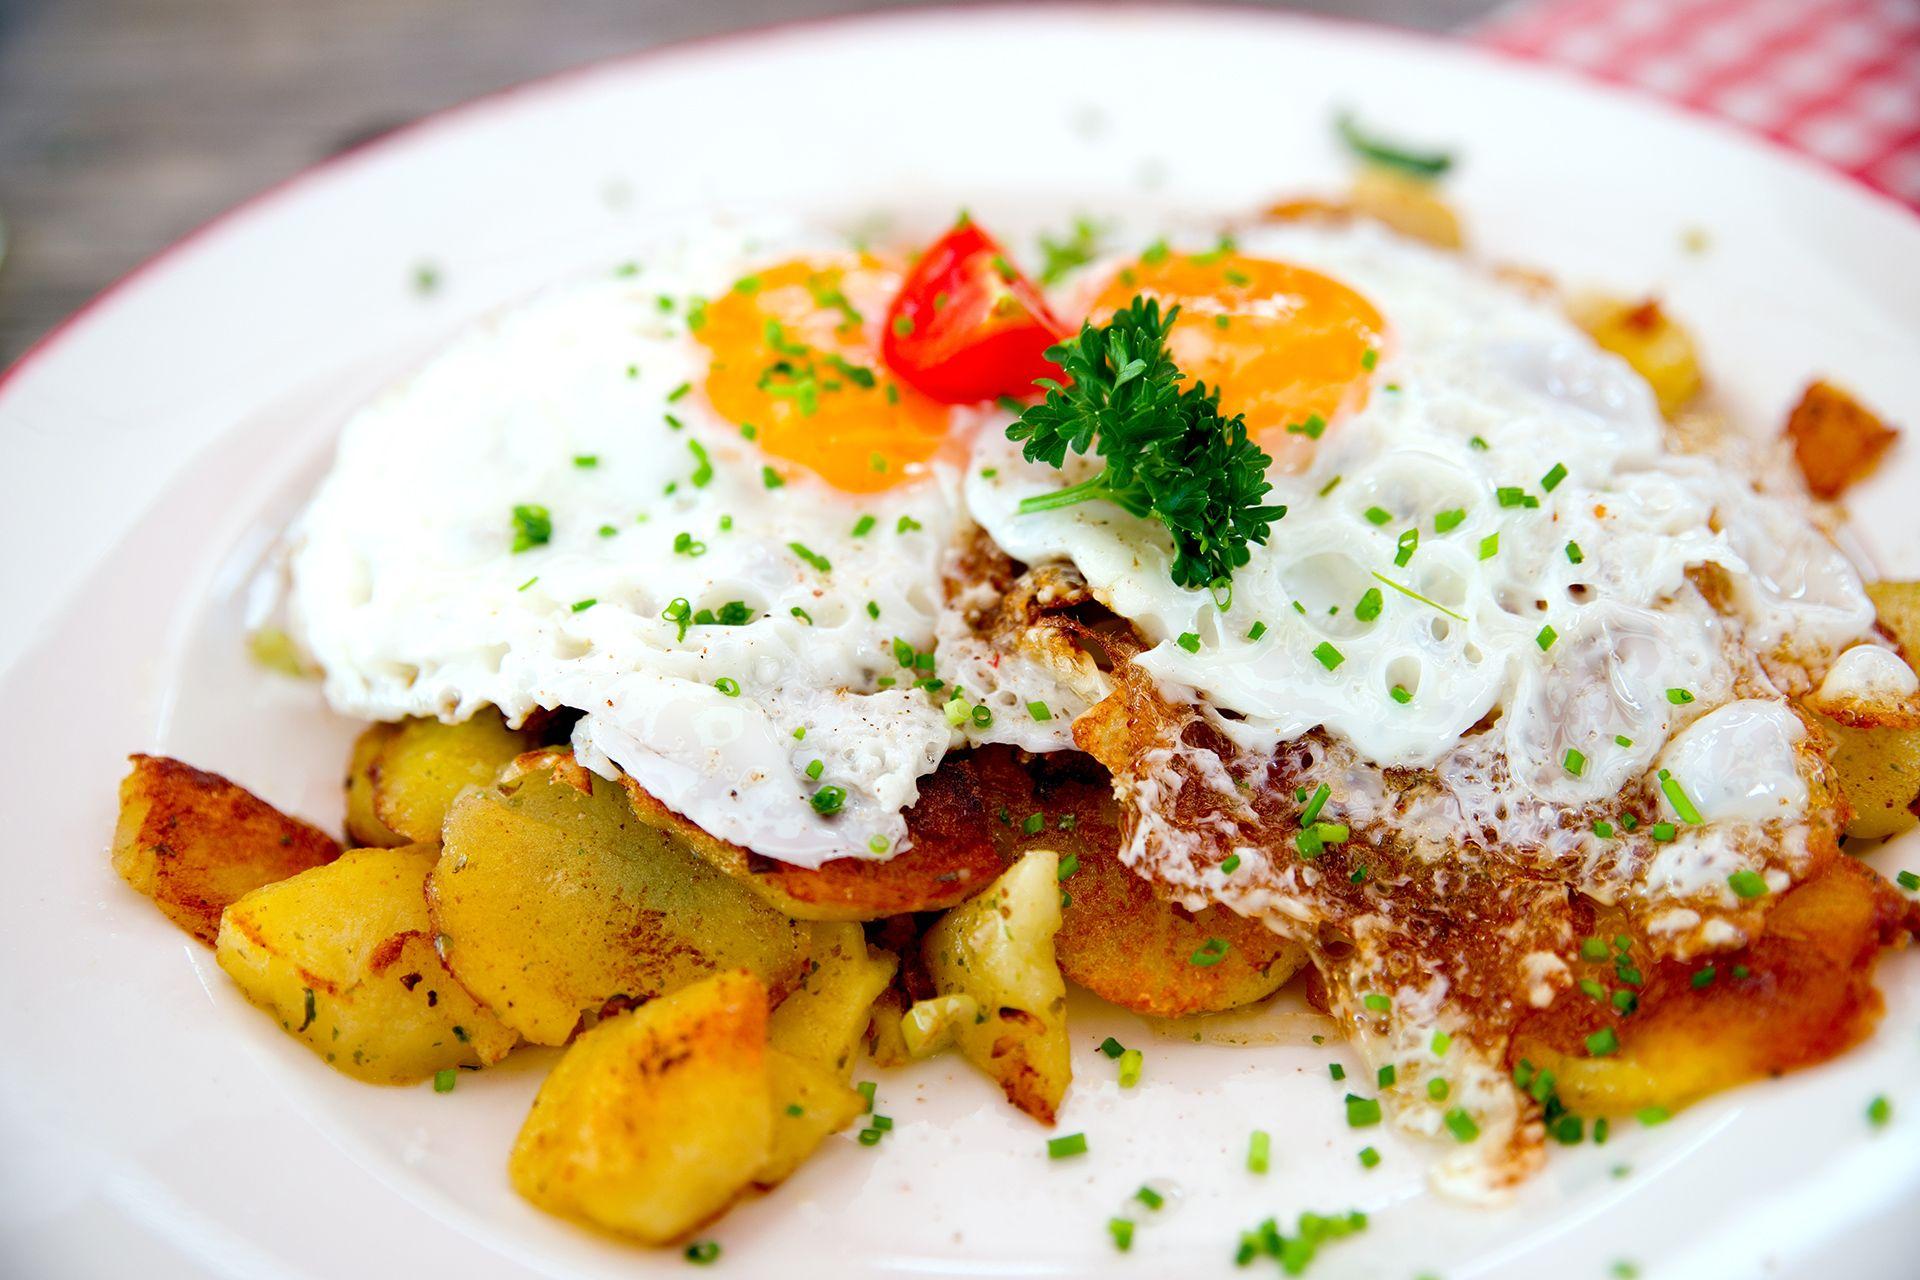 deutsche küche nürnberg | hausgestaltung ideen